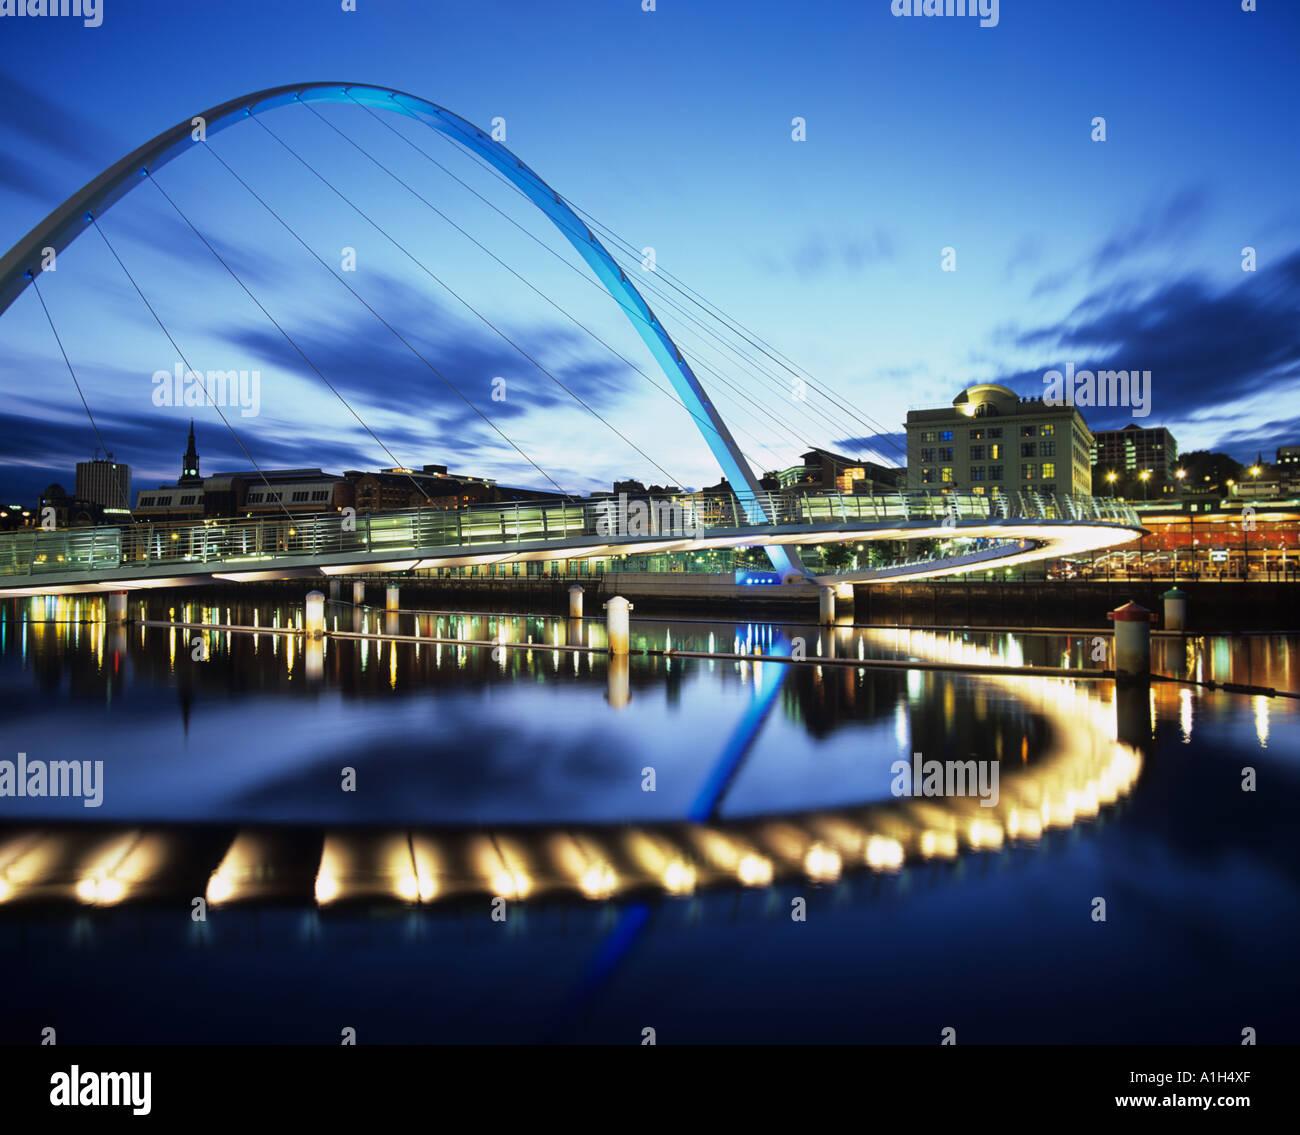 Il Millennium o lampeggiante occhio ponte sul fiume Tyne da Gateshead - Tyne & Wear, Inghilterra, mostrato durante Foto Stock